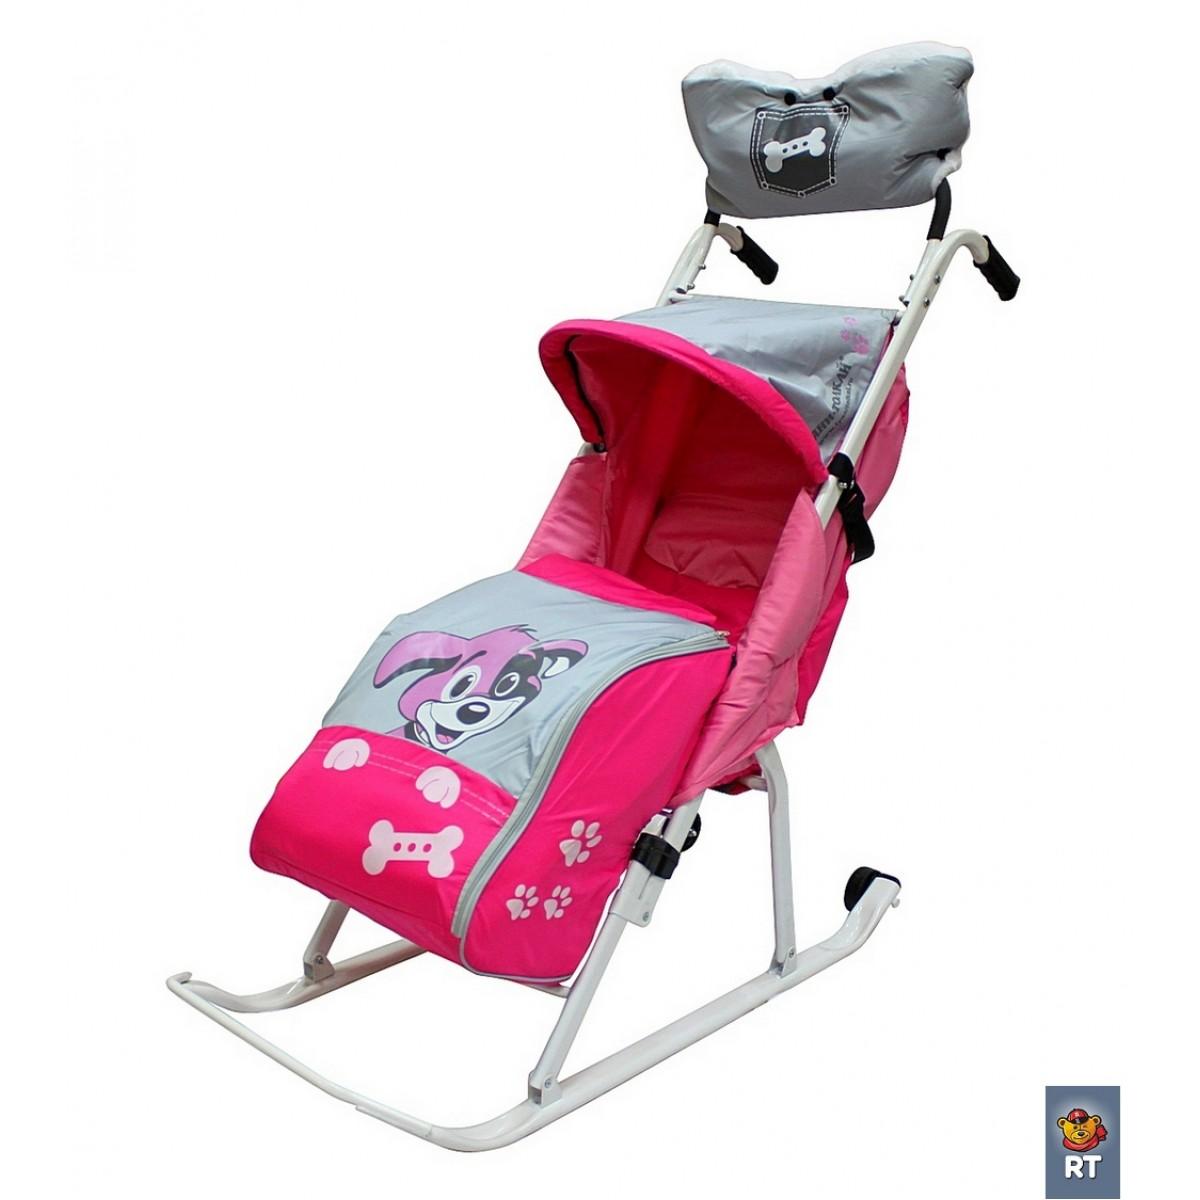 Купить Санки-коляска Комфорт Люкс 11 - Любопытный щенок с колесиками и муфтой, розовый, RT